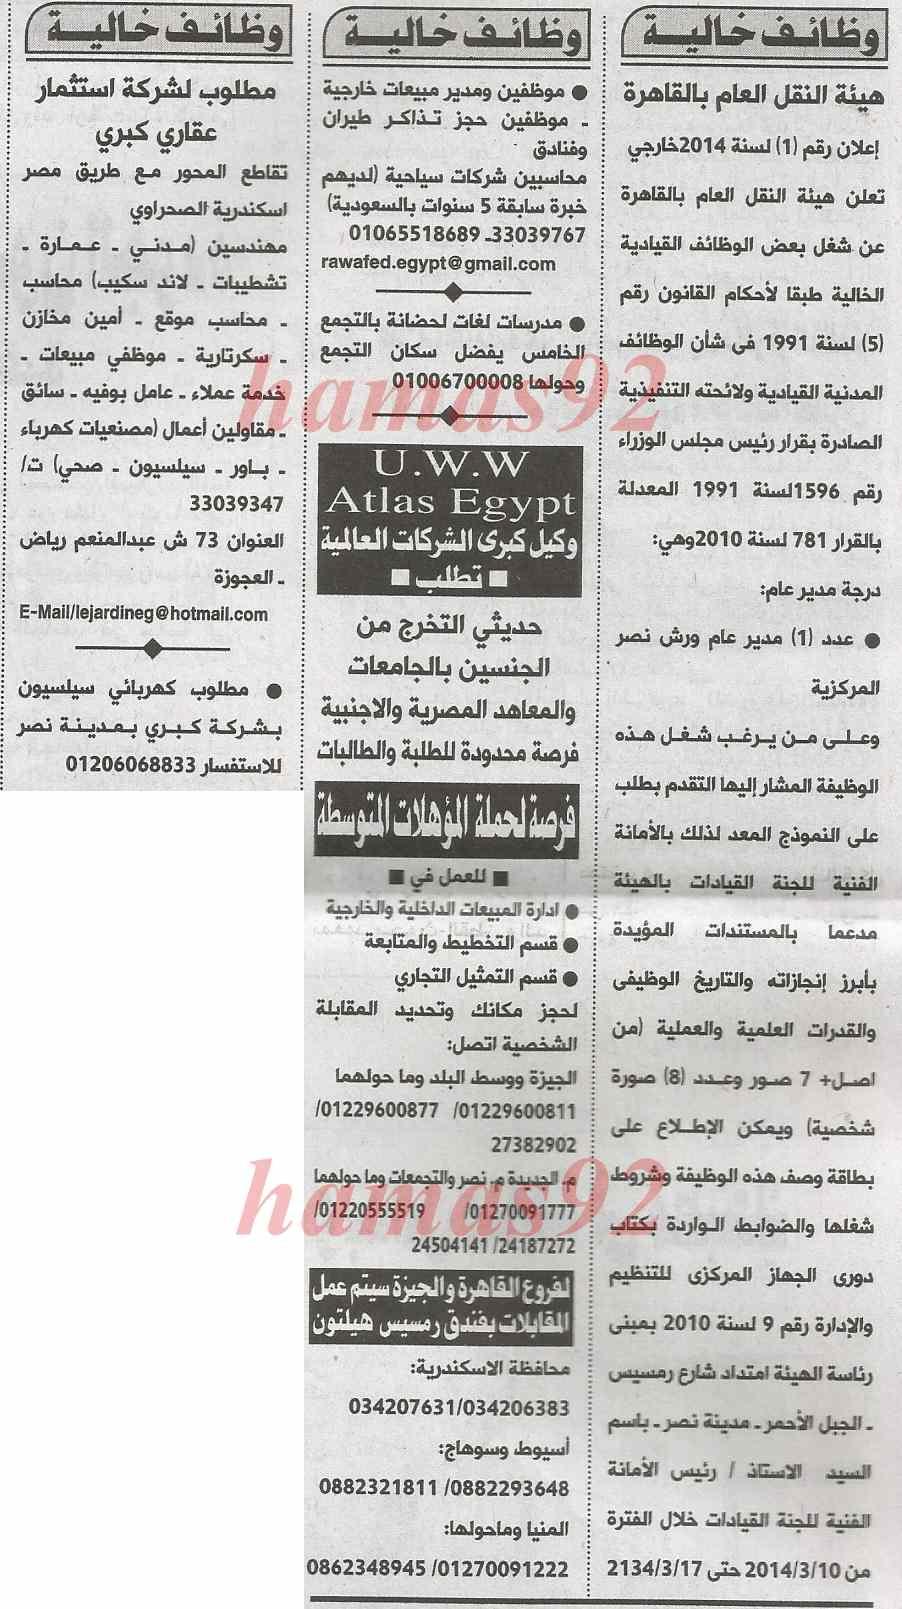 وظائف جريدة الاهرام اليوم الثلاثاء 11-3-2014 , وظائف خالية اليوم الثلاثاء 11 مارس 2014